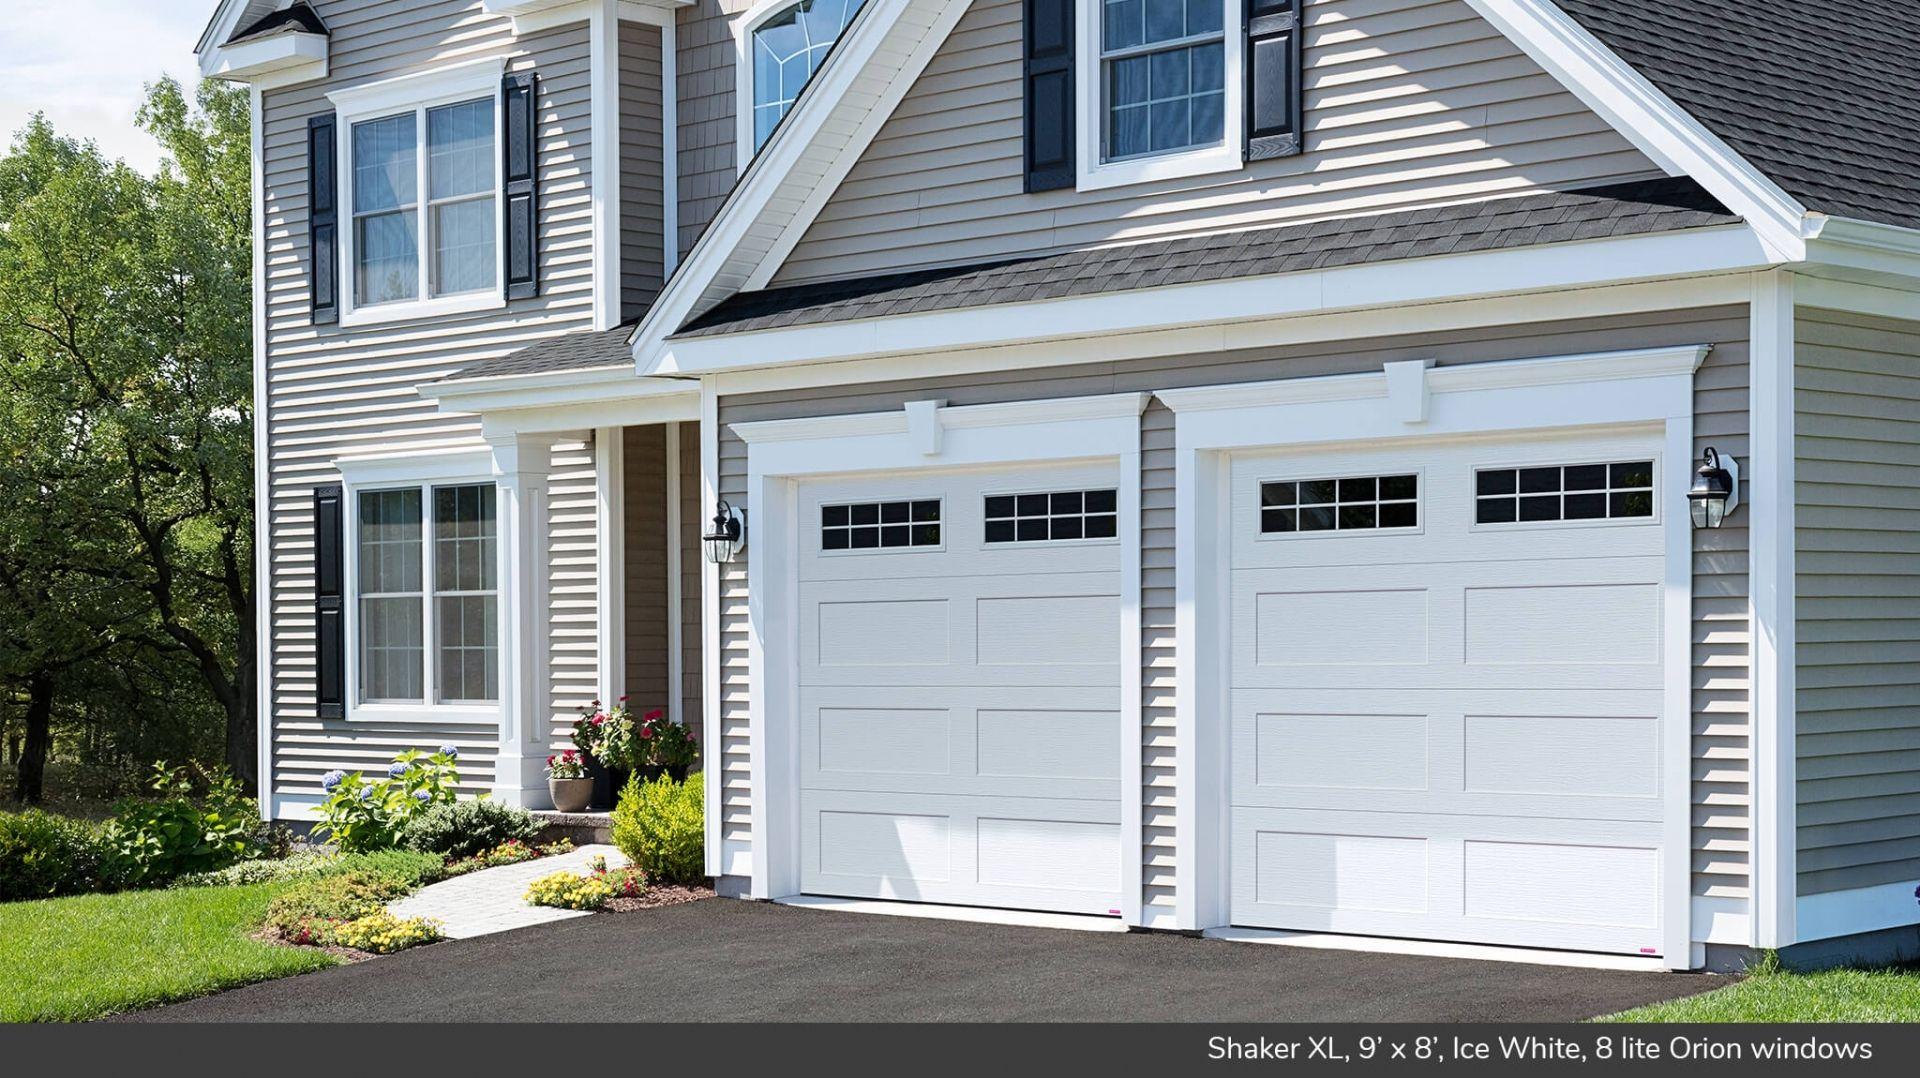 Garage Doors > Garaga Garage Doors - Shaker XL